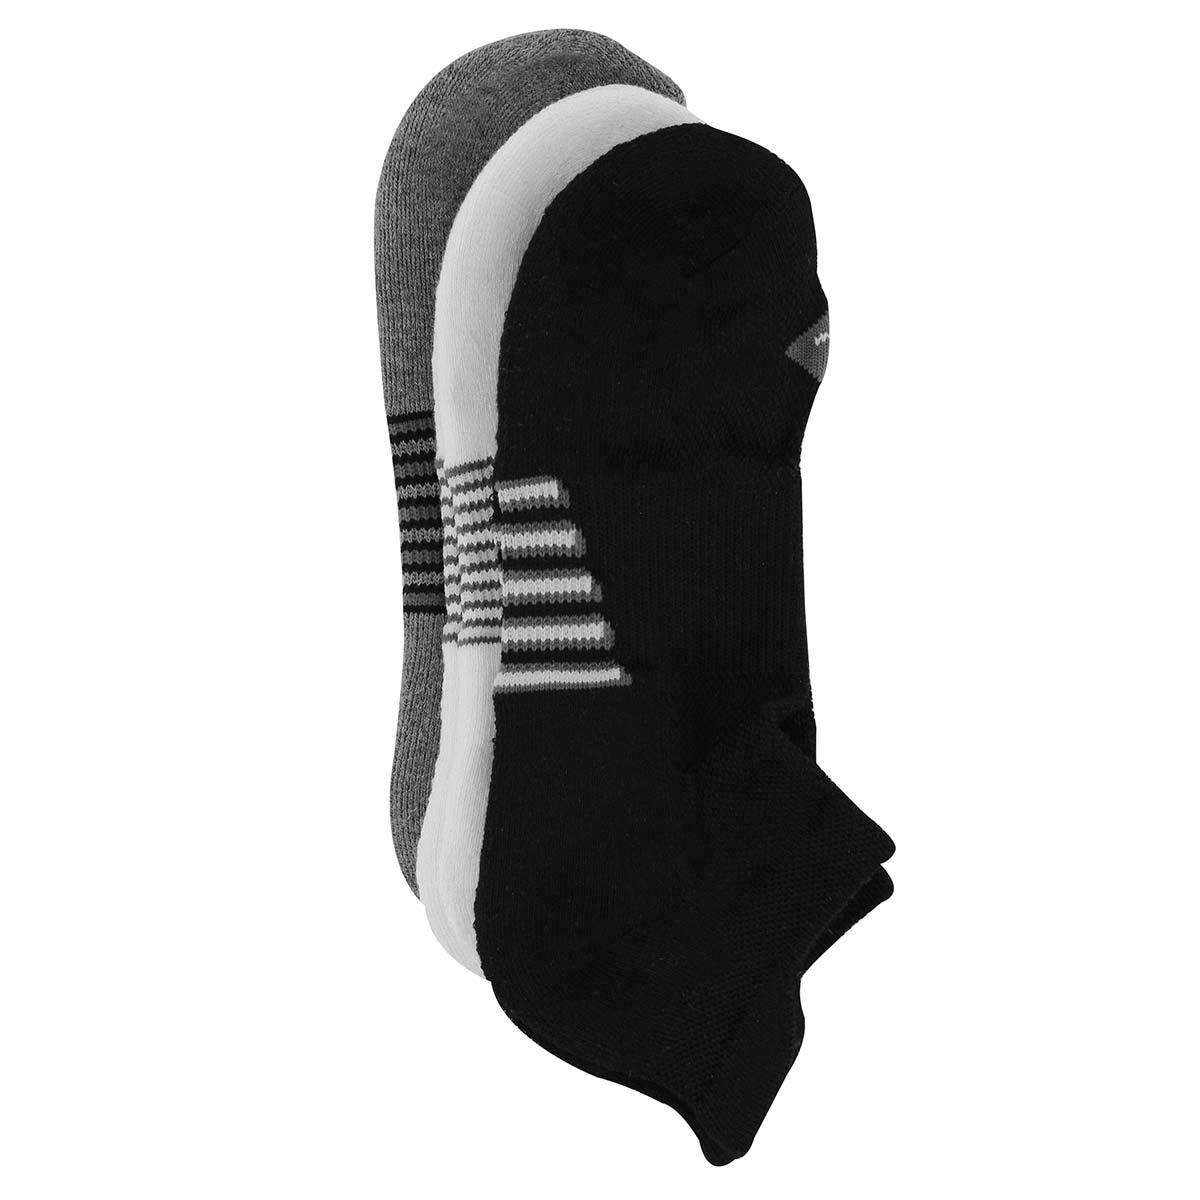 Socq. Action Stripe,nr/blc/gris,hom,3 p.